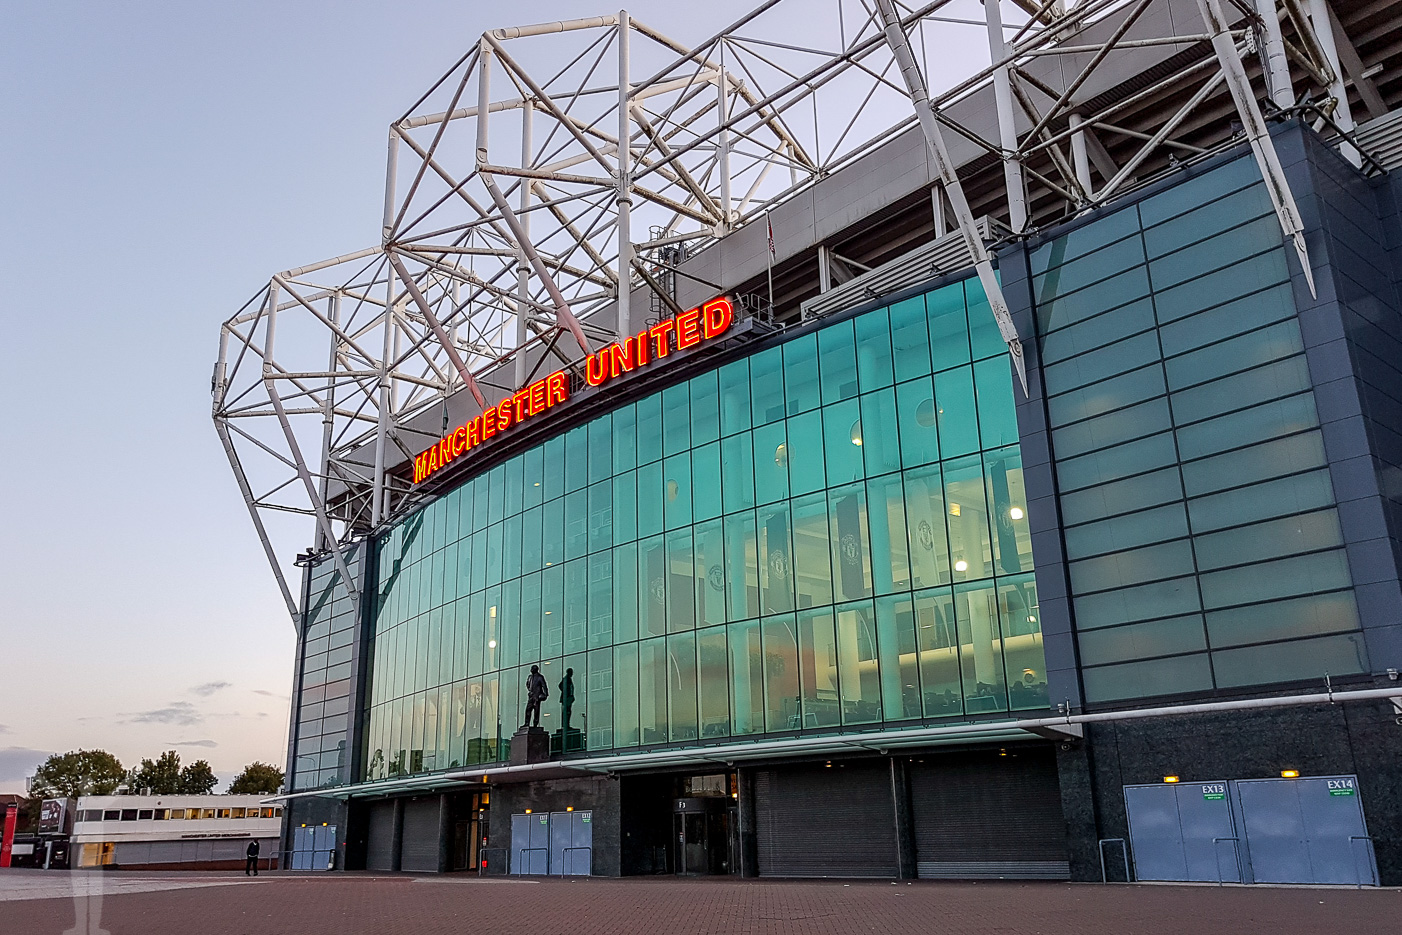 Manchester United och Old Trafford